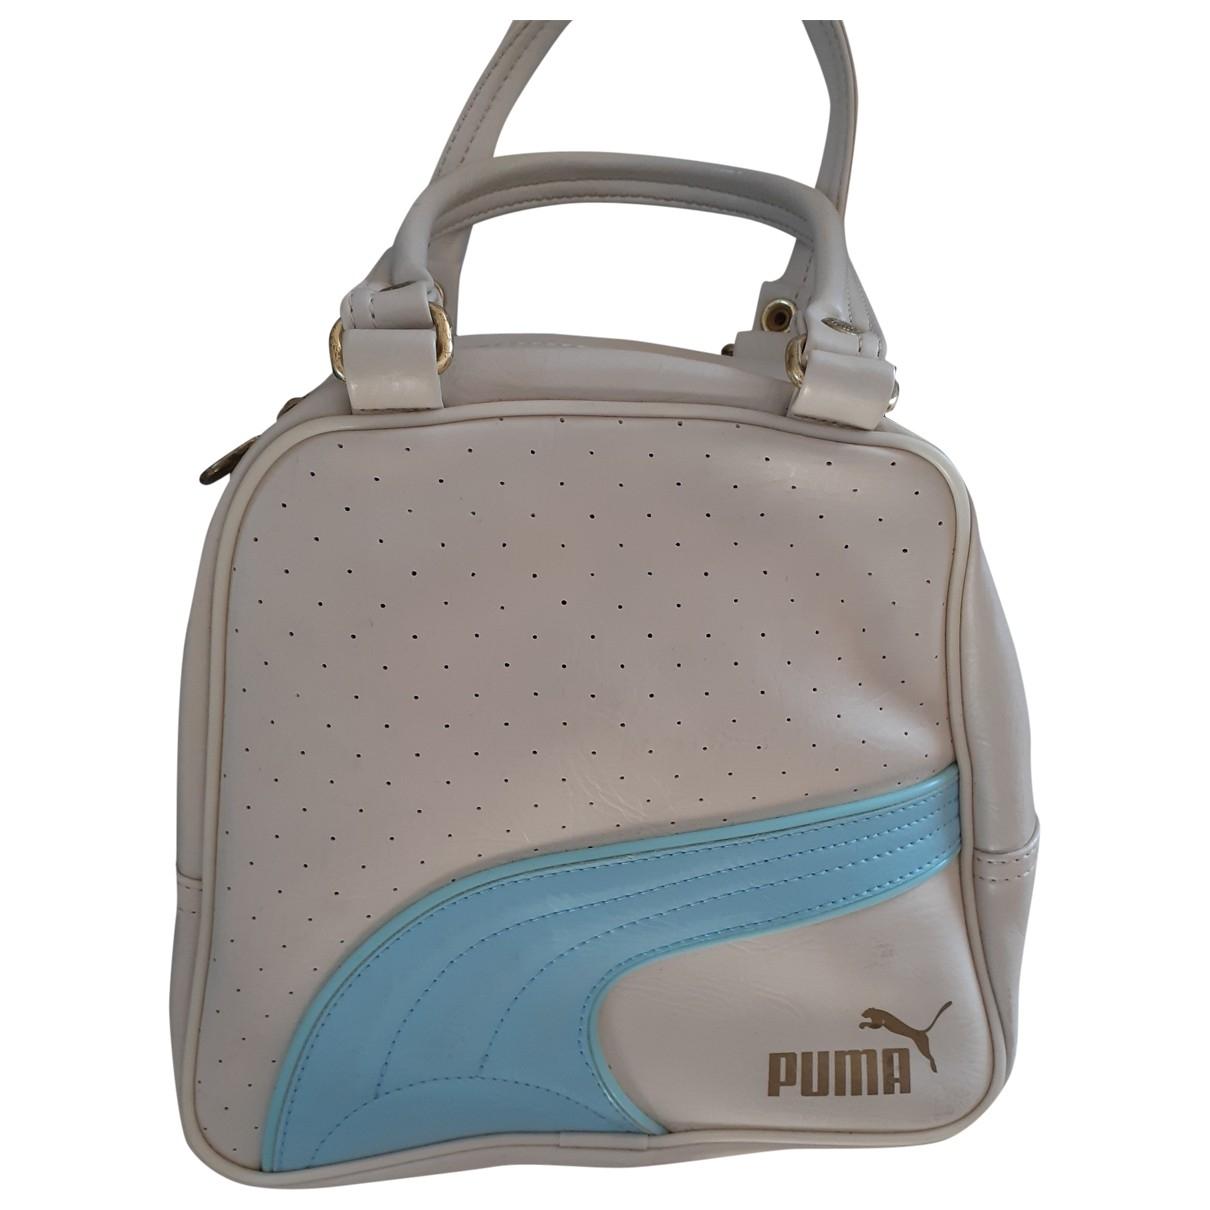 Puma \N Handtasche in  Beige Kunststoff